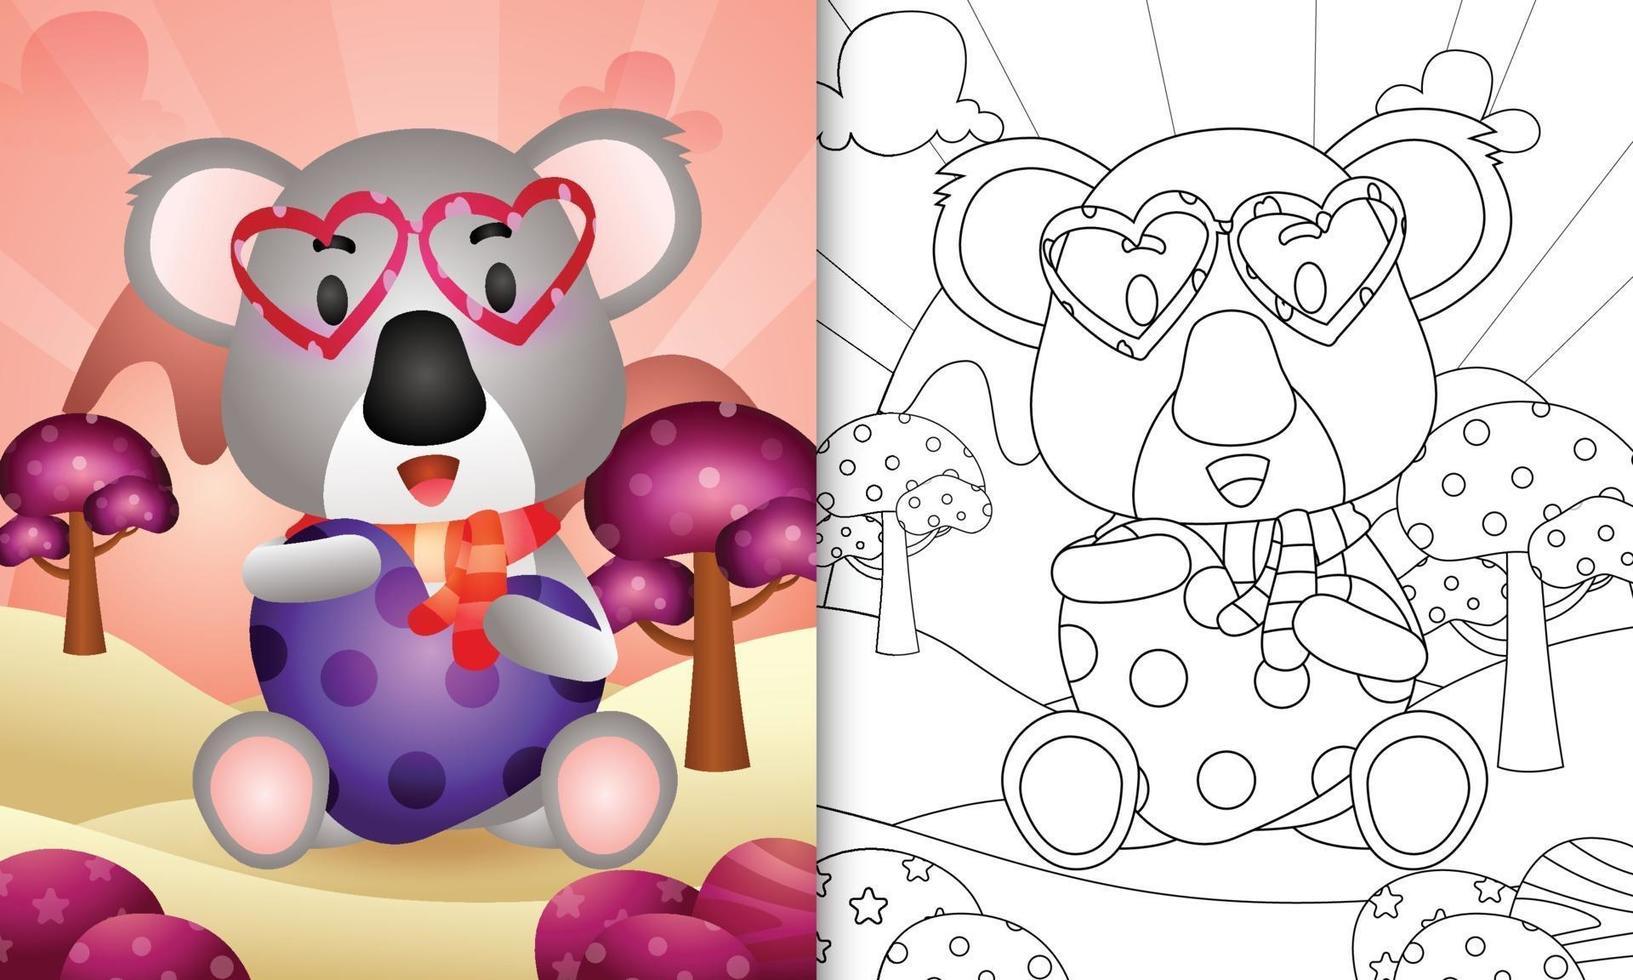 Malbuch für Kinder mit einem niedlichen Koala, der Herz für Valentinstag umarmt vektor